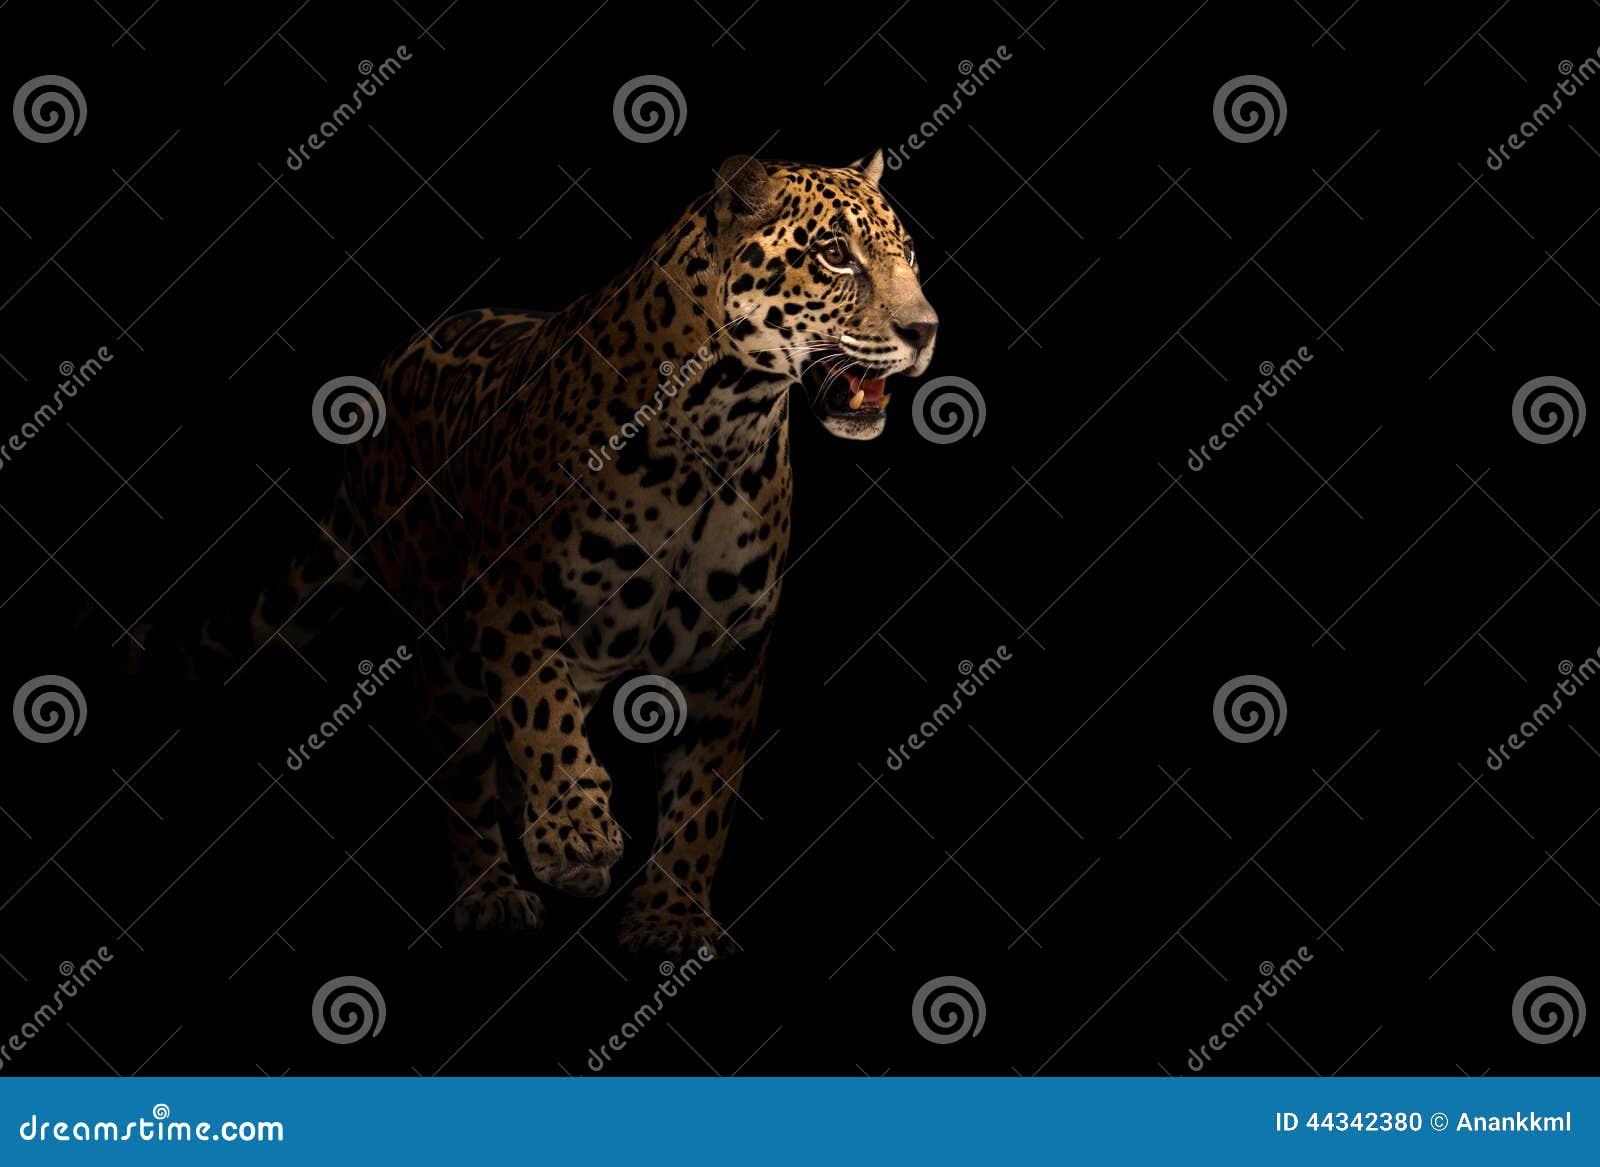 Jaguar Panthera Onca In The Dark